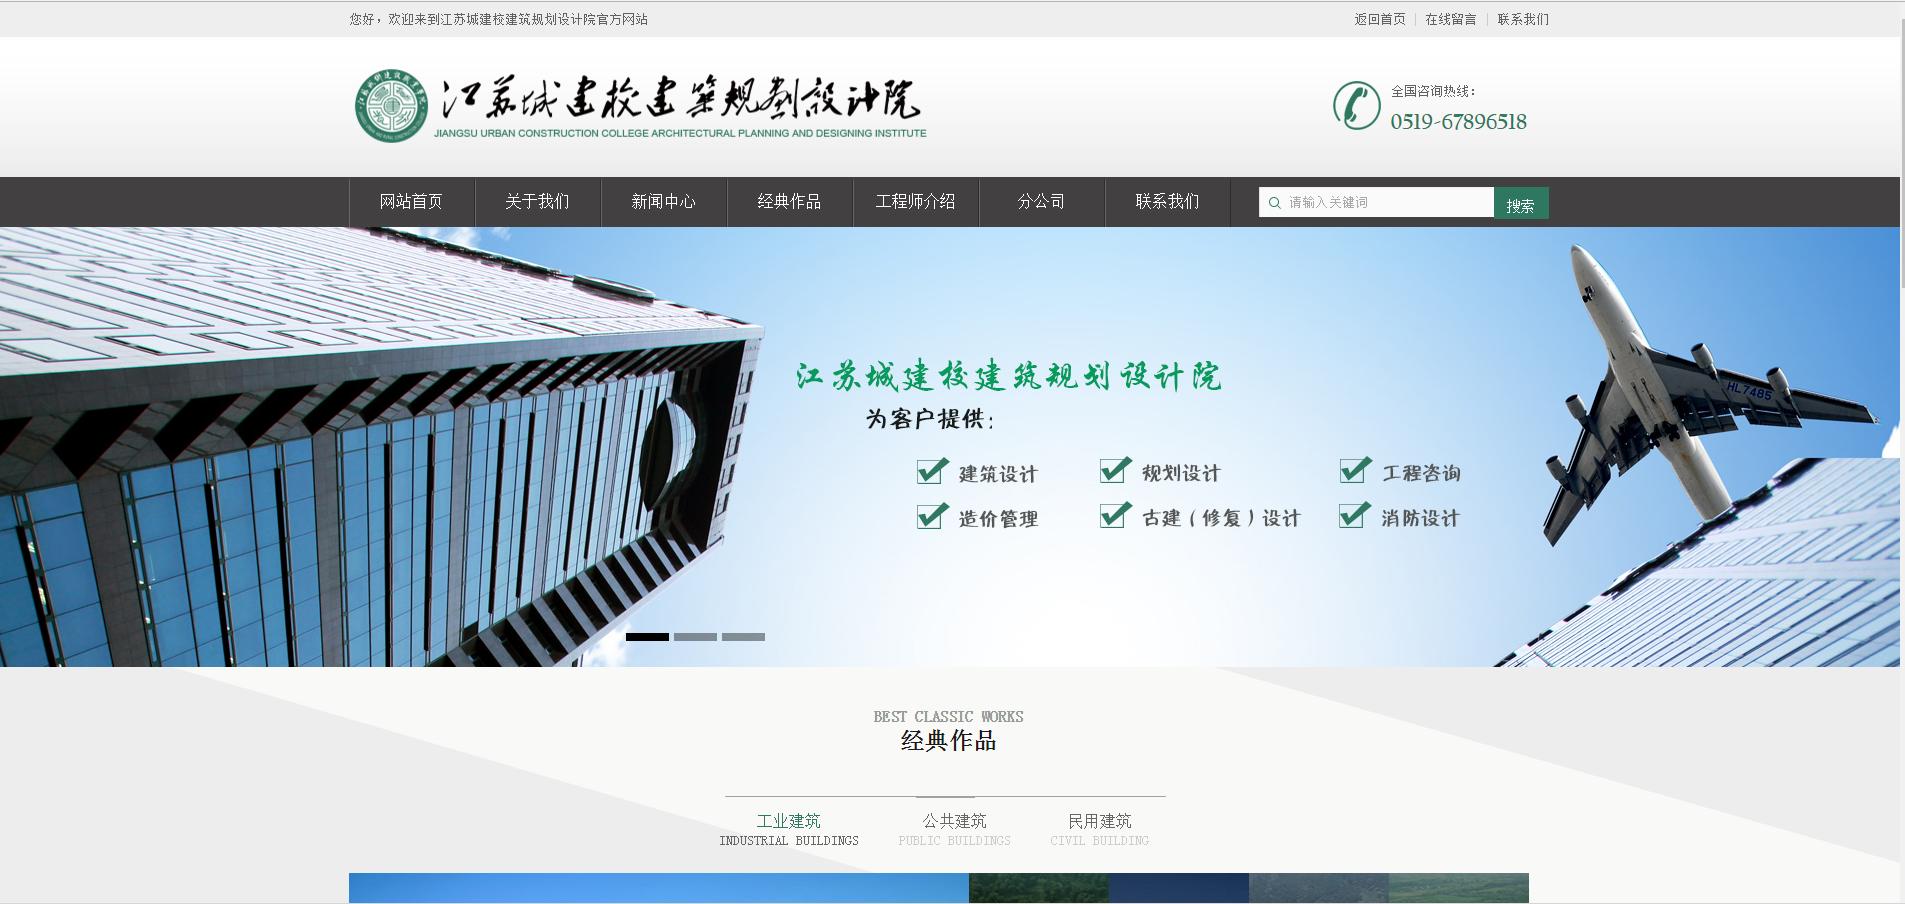 高端大气黑色建筑设计公司网站模板下载